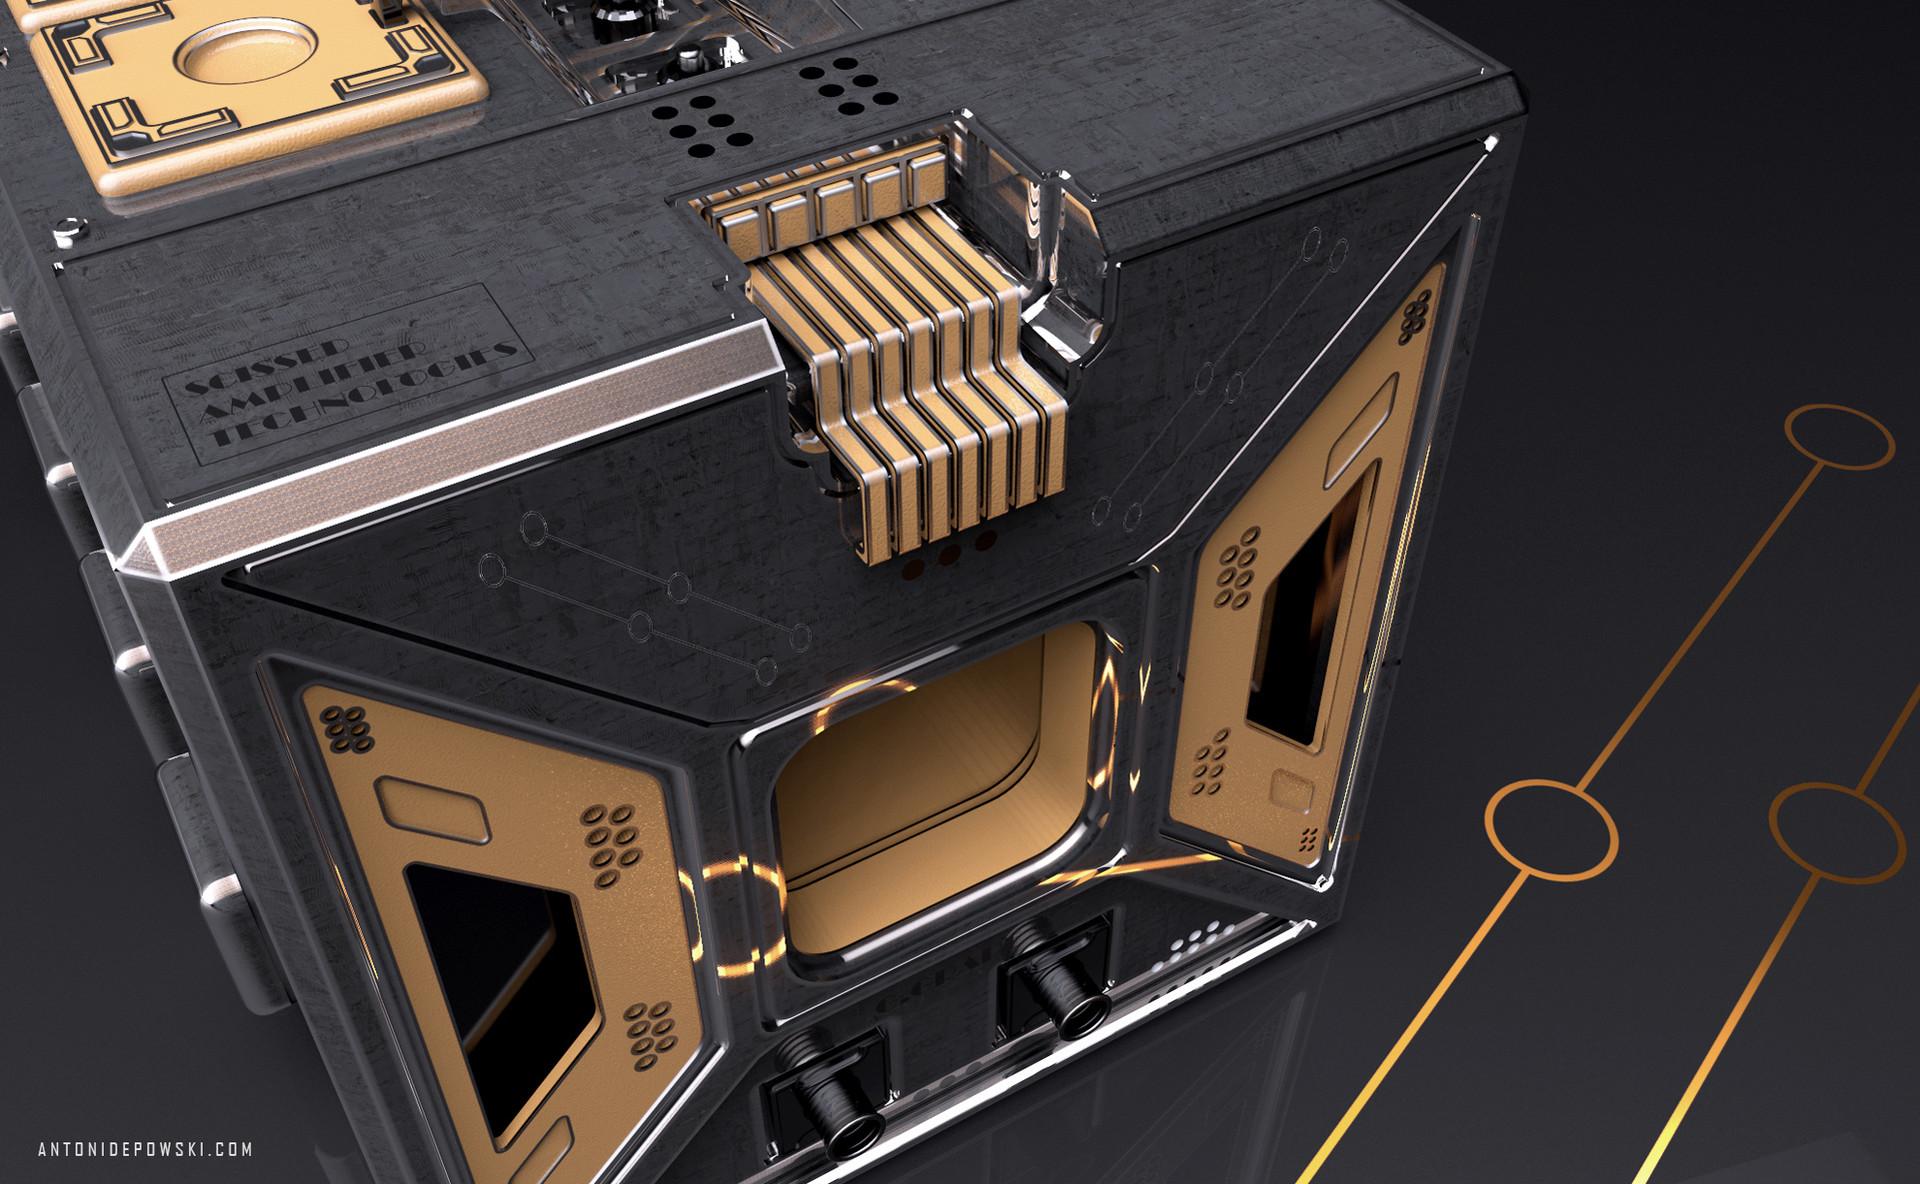 Antoni depowski amplifier 4c